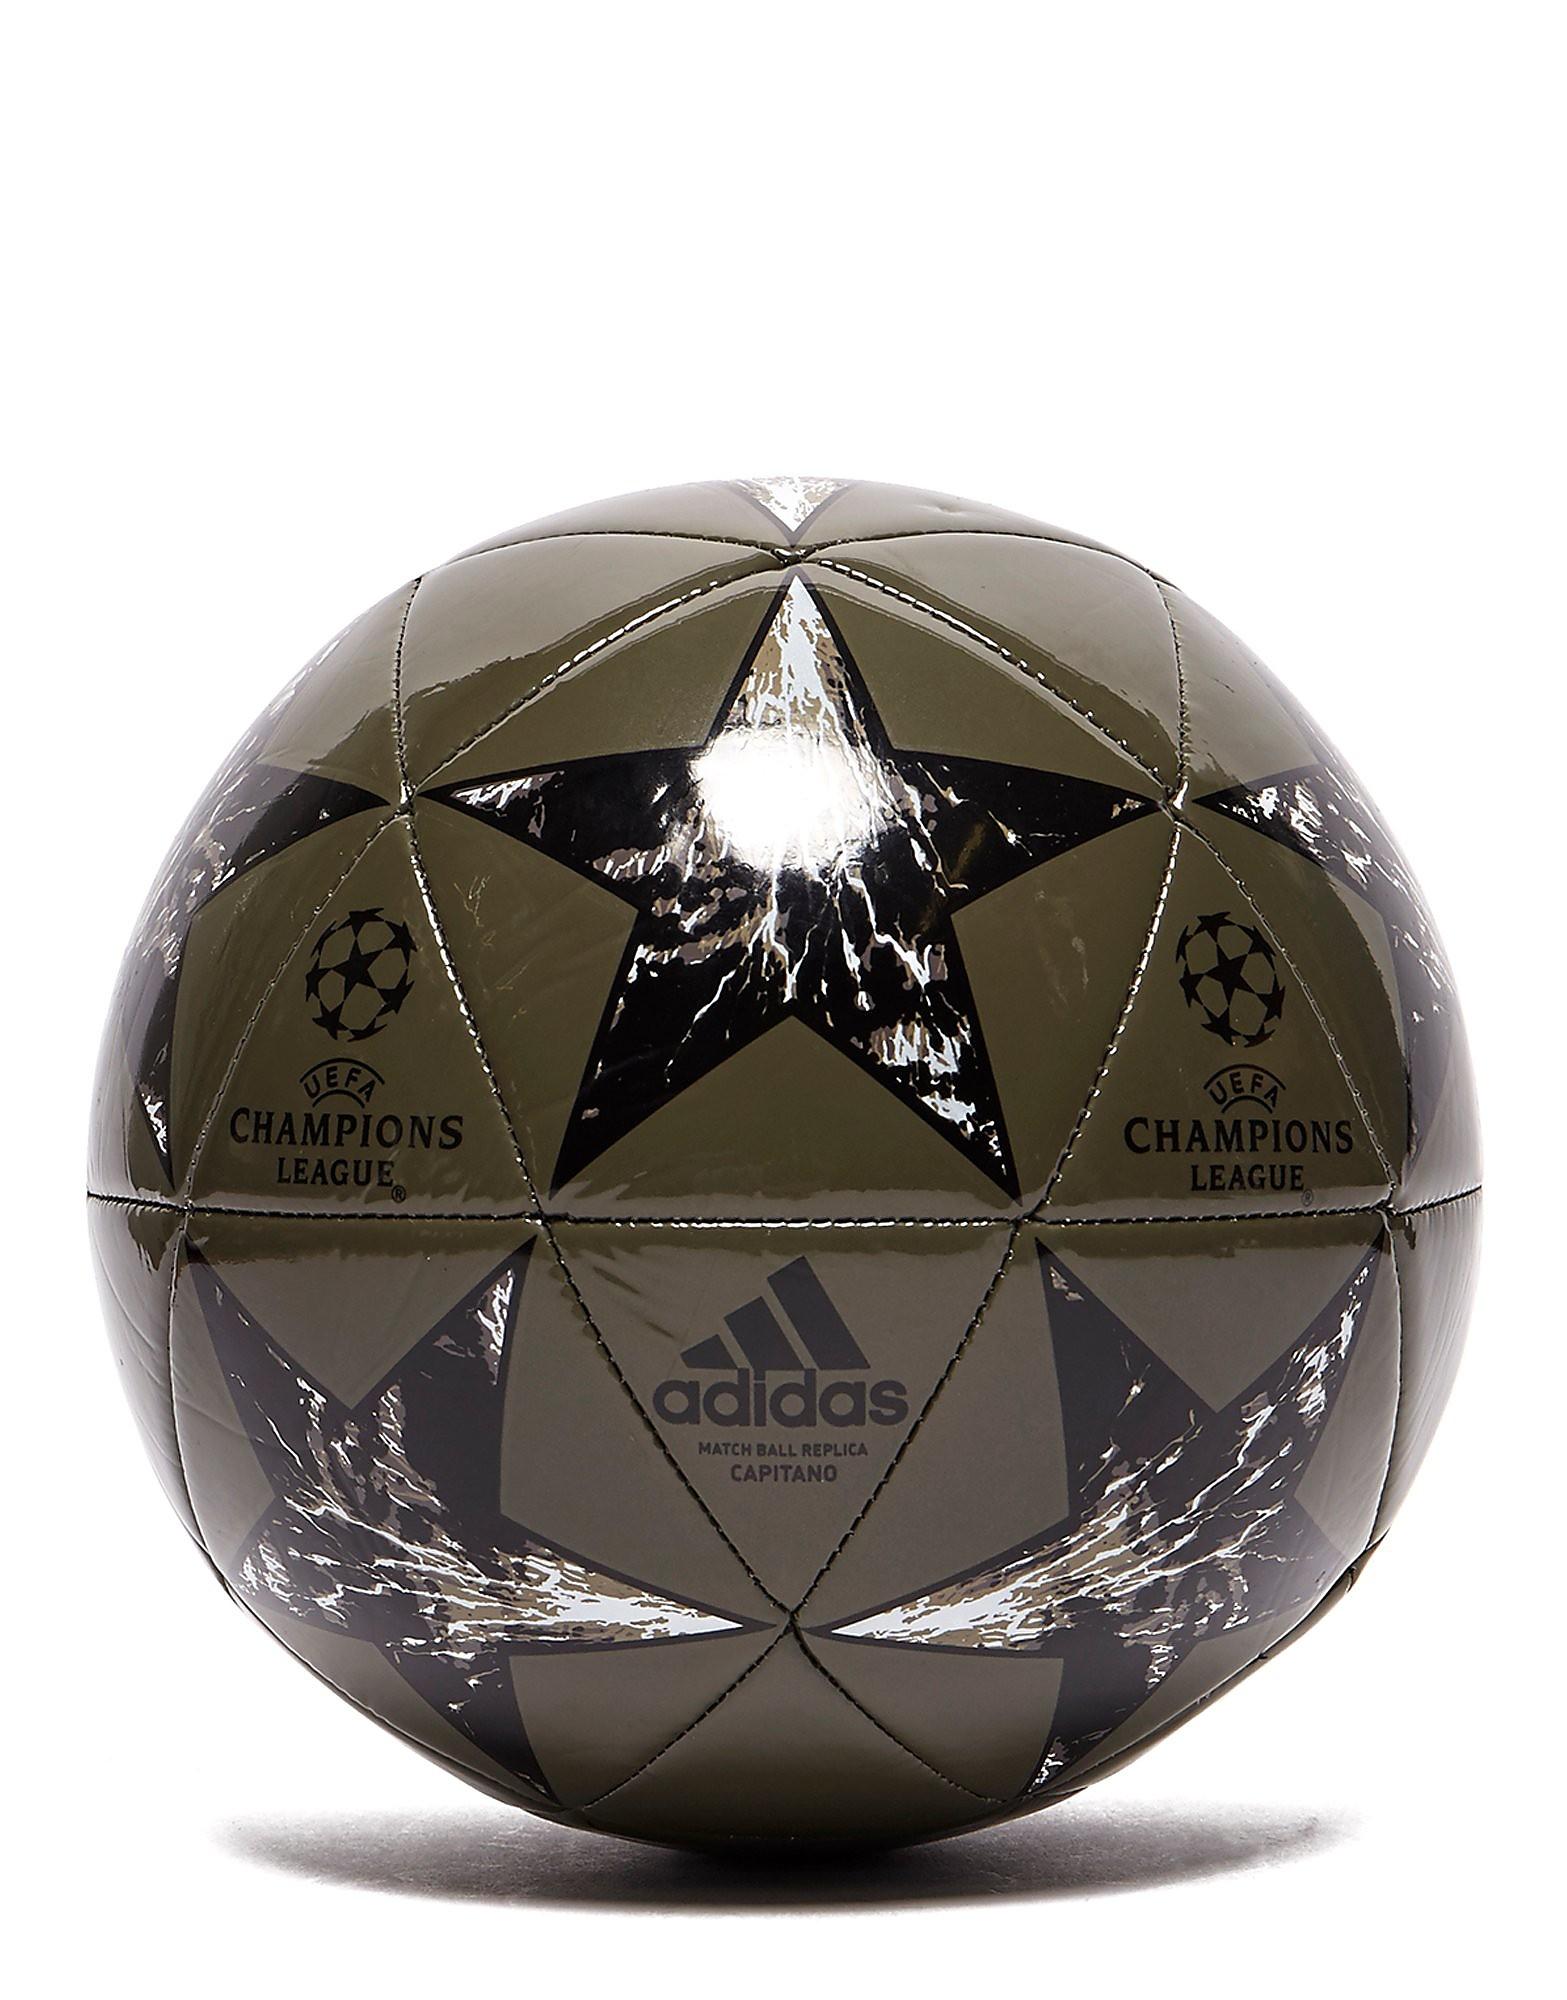 adidas Ballon de football Capitano Champions League